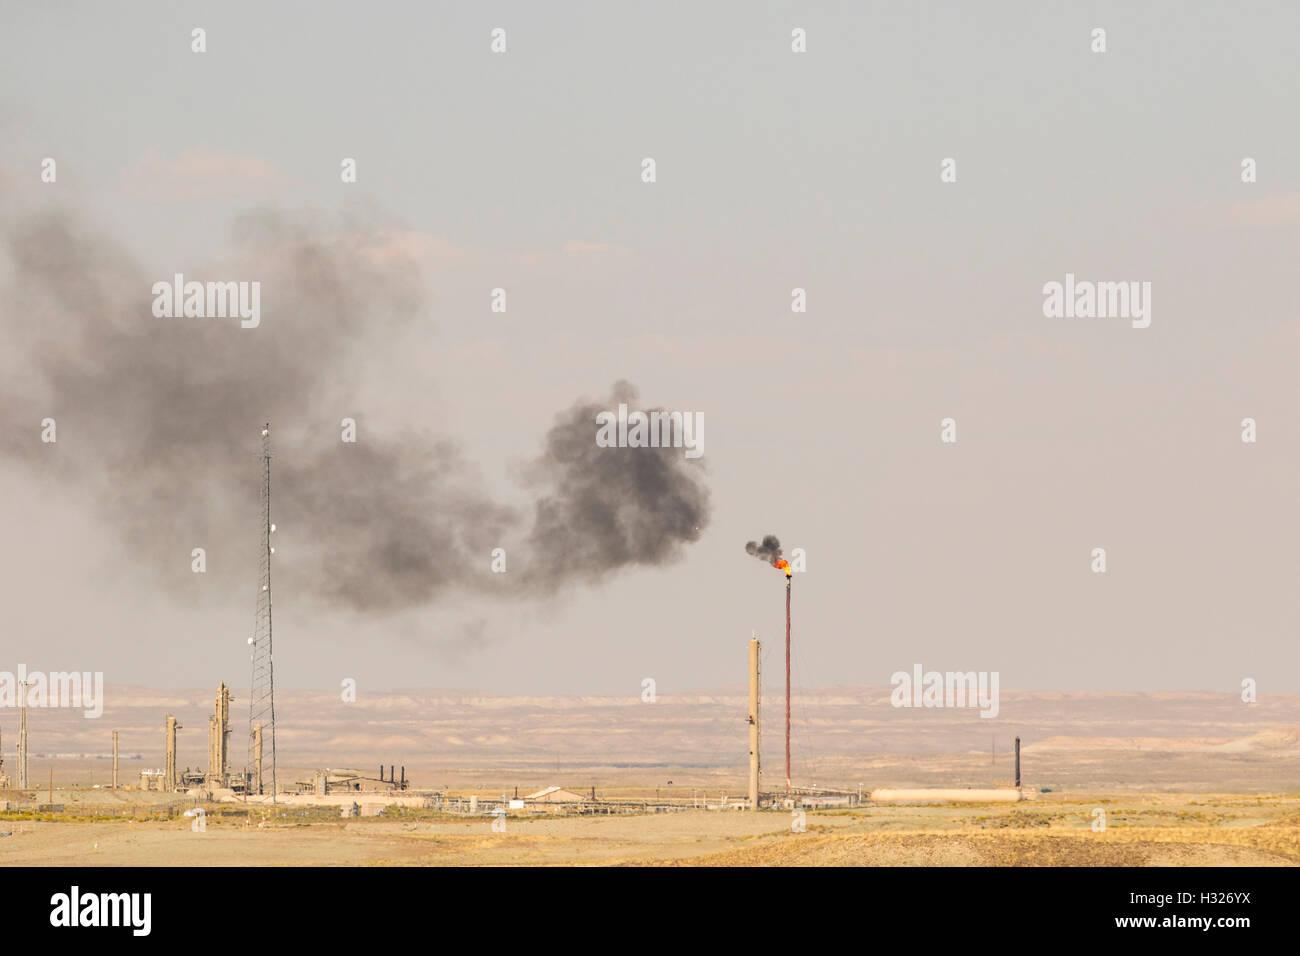 Le changement climatique et le réchauffement planétaire causé par la pollution de l'air à Photo Stock